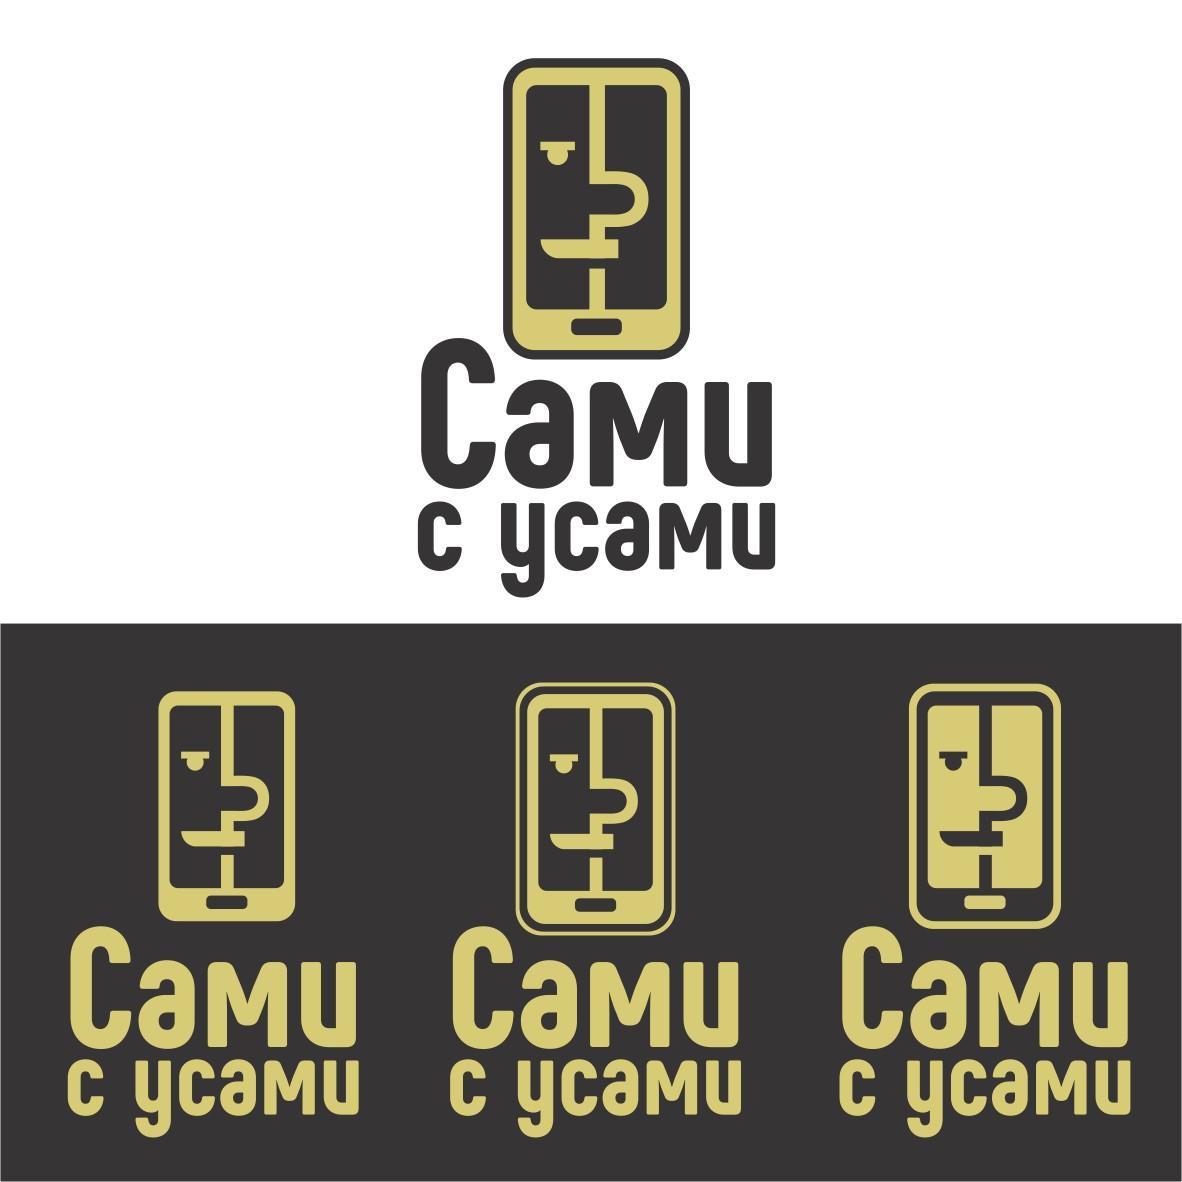 Разработка Логотипа 6 000 руб. фото f_93258f7803b936af.jpg